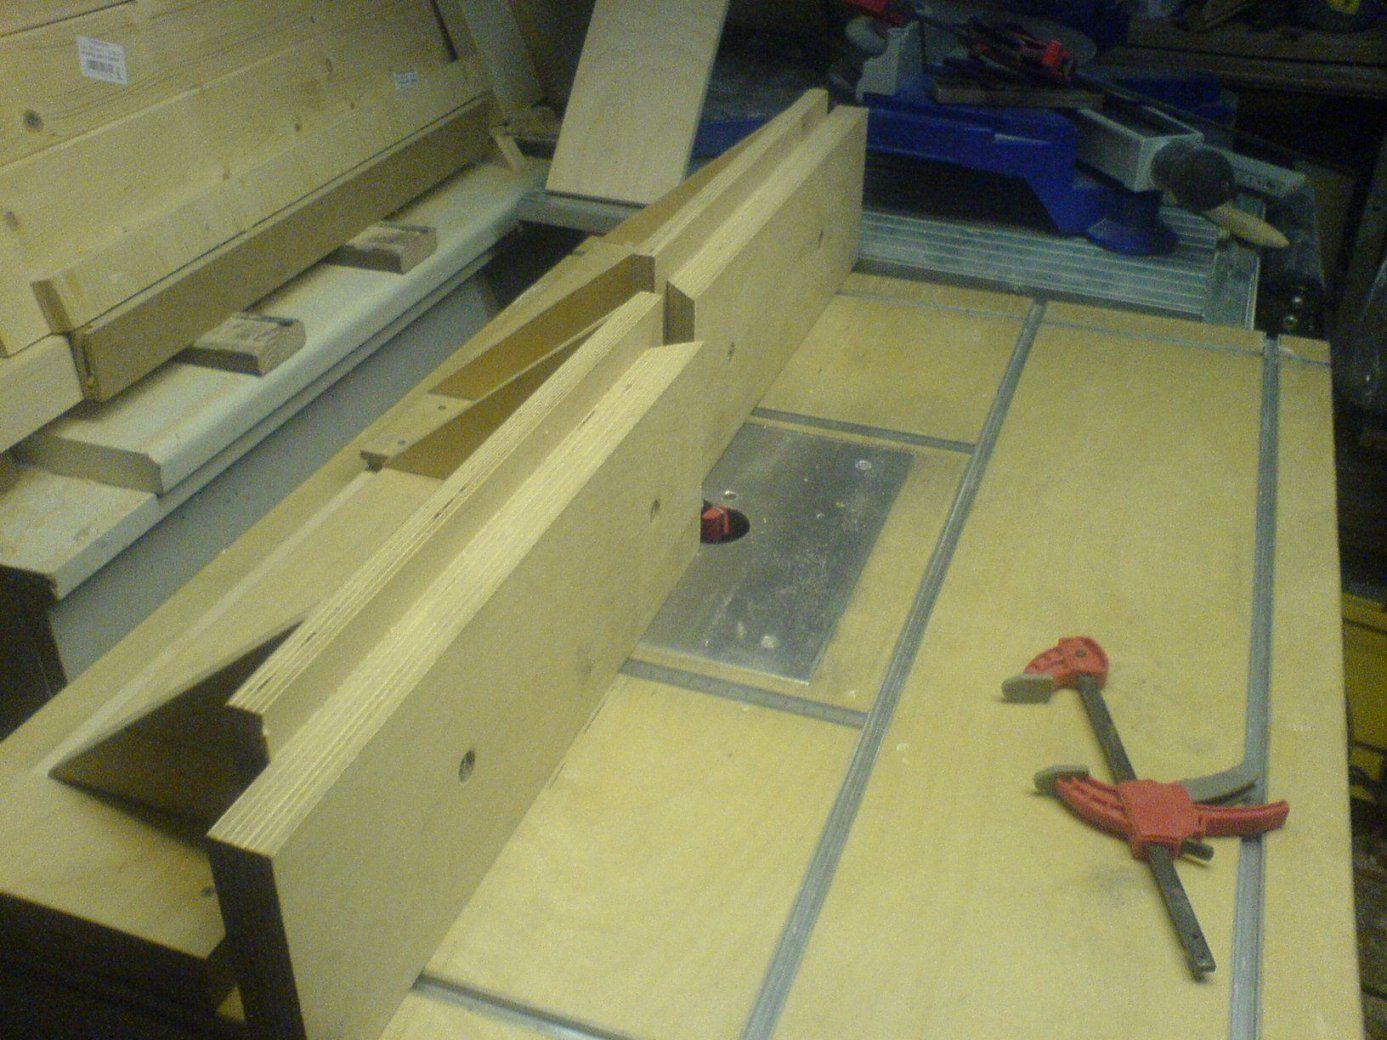 Tisch Für Die Oberfräse Bauanleitung Zum Selber Bauen  Oberfräse von Oberfräse Zubehör Selber Bauen Bild